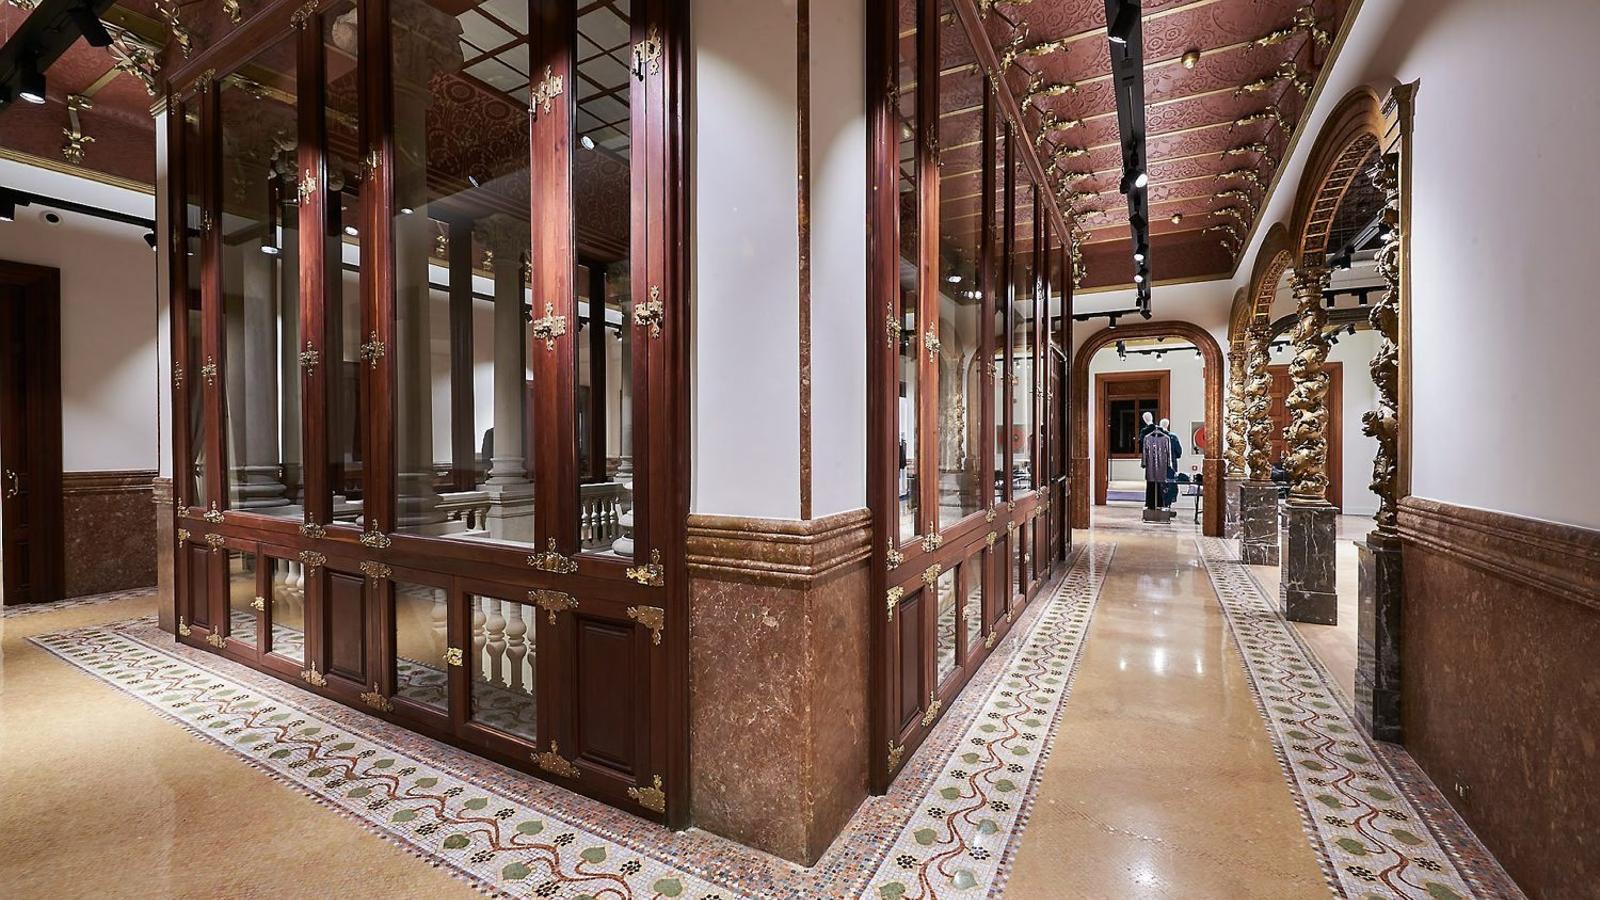 Nous detalls al descobert a la casa Ramon Casas, l'antic Vinçon